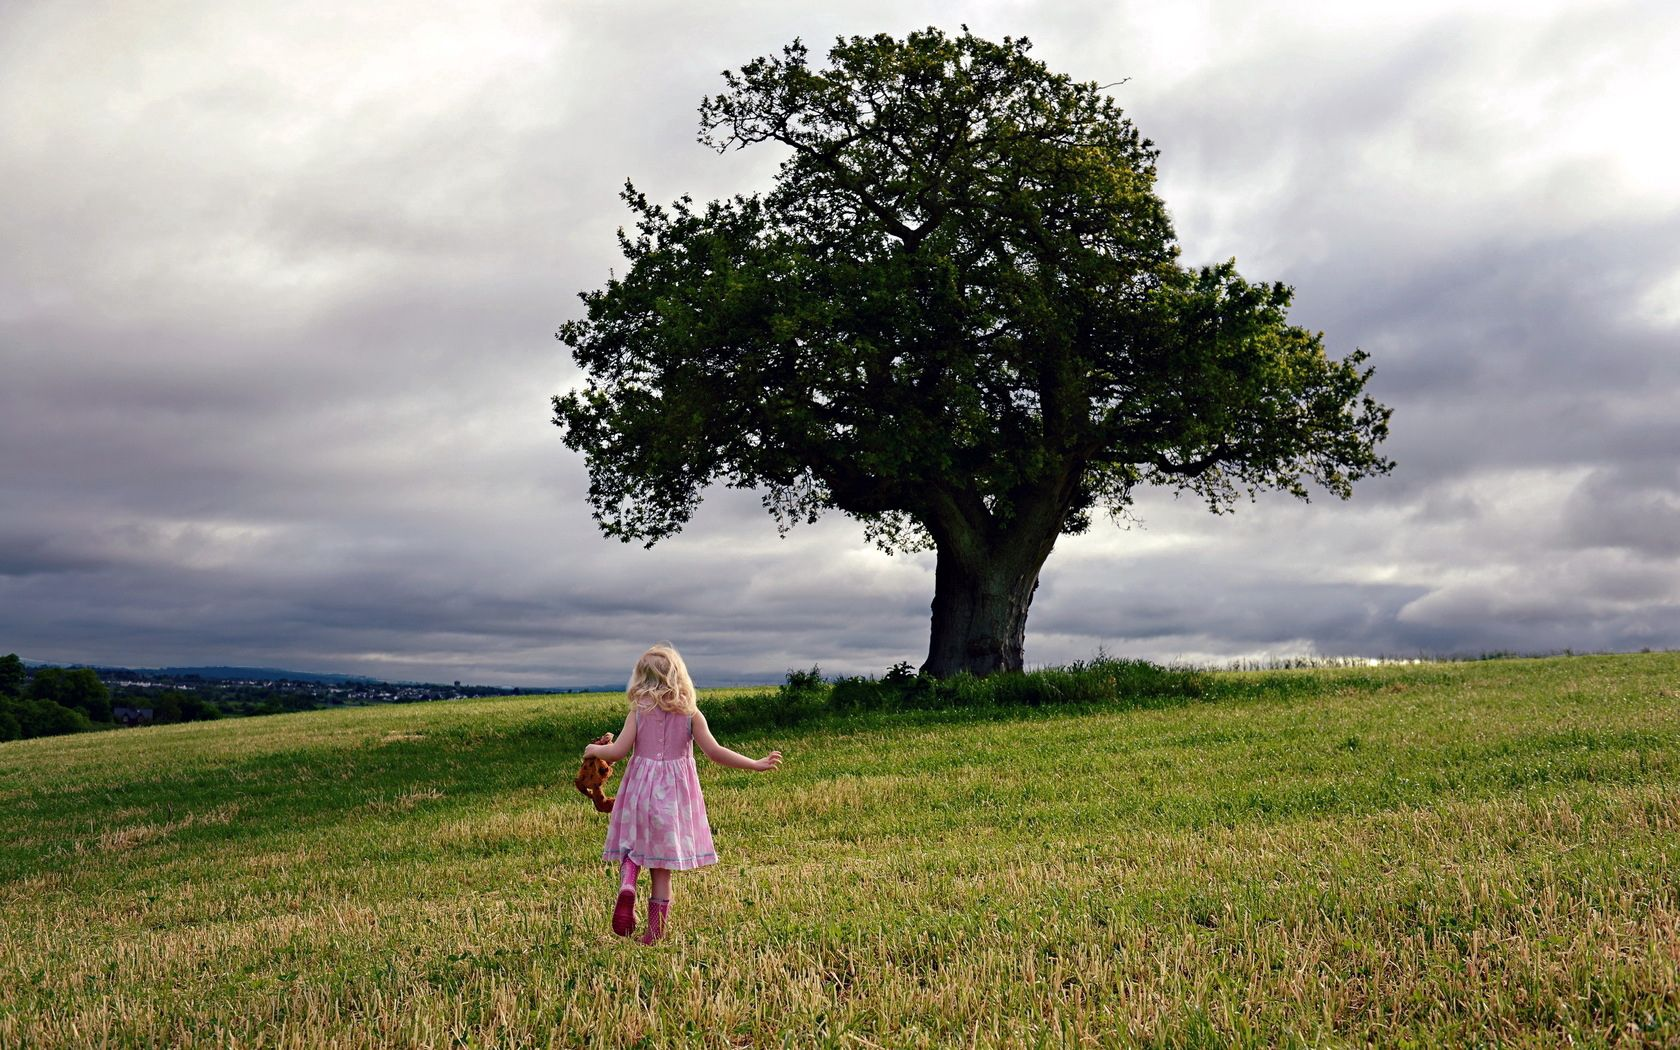 71976 скачать обои Разное, Девочка, Поле, Дерево, Настроение - заставки и картинки бесплатно